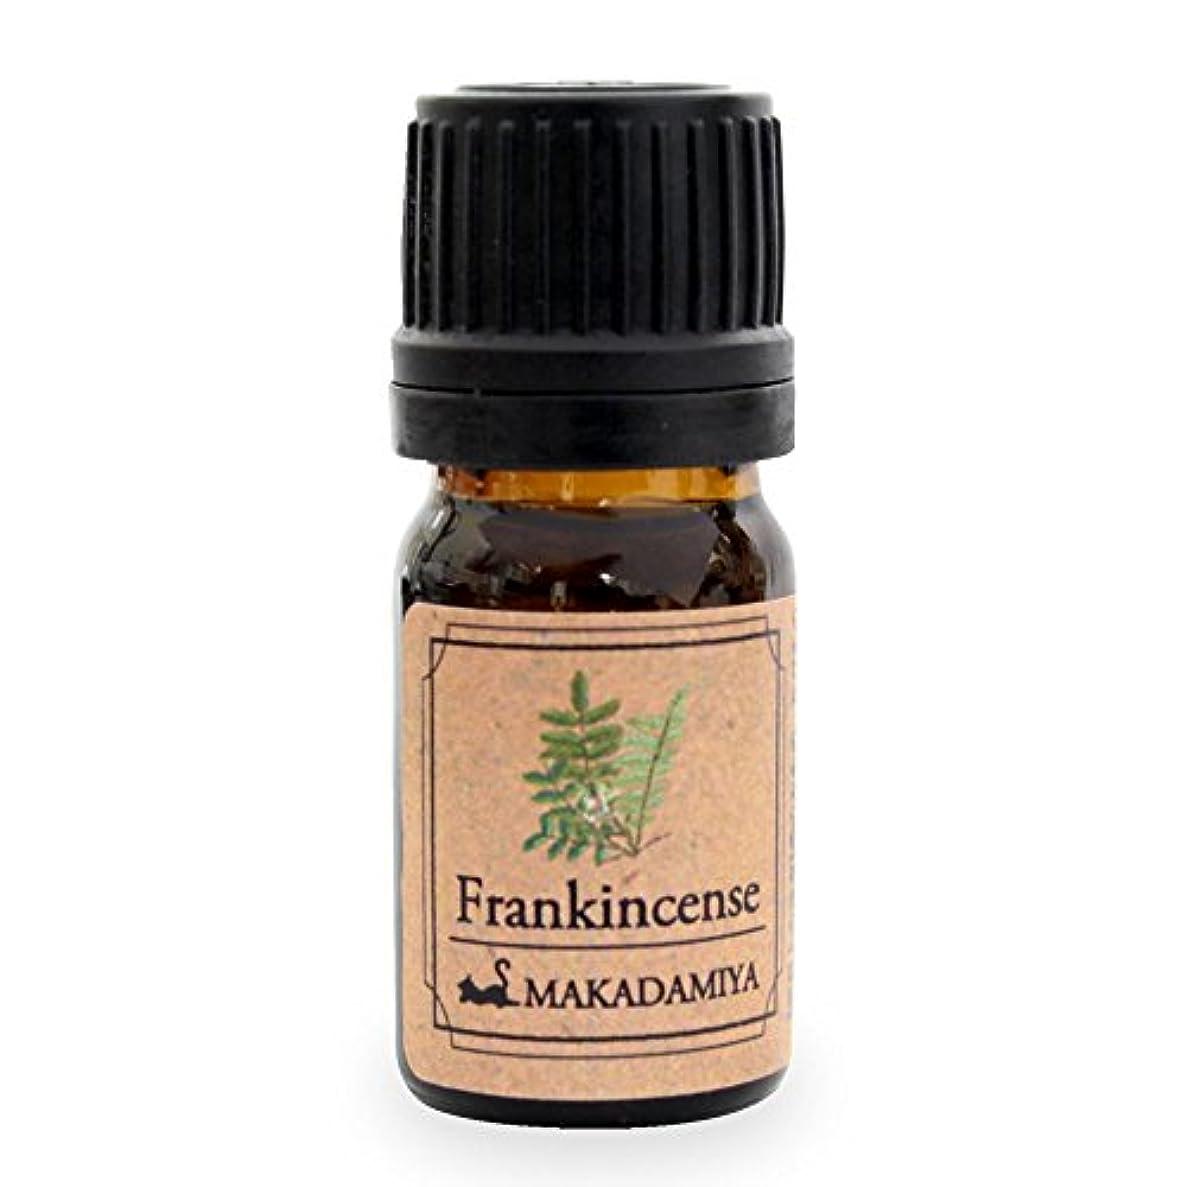 豊富な曖昧な成果フランキンセンス5ml 天然100%植物性 エッセンシャルオイル(精油) アロマオイル アロママッサージ aroma Frankincense